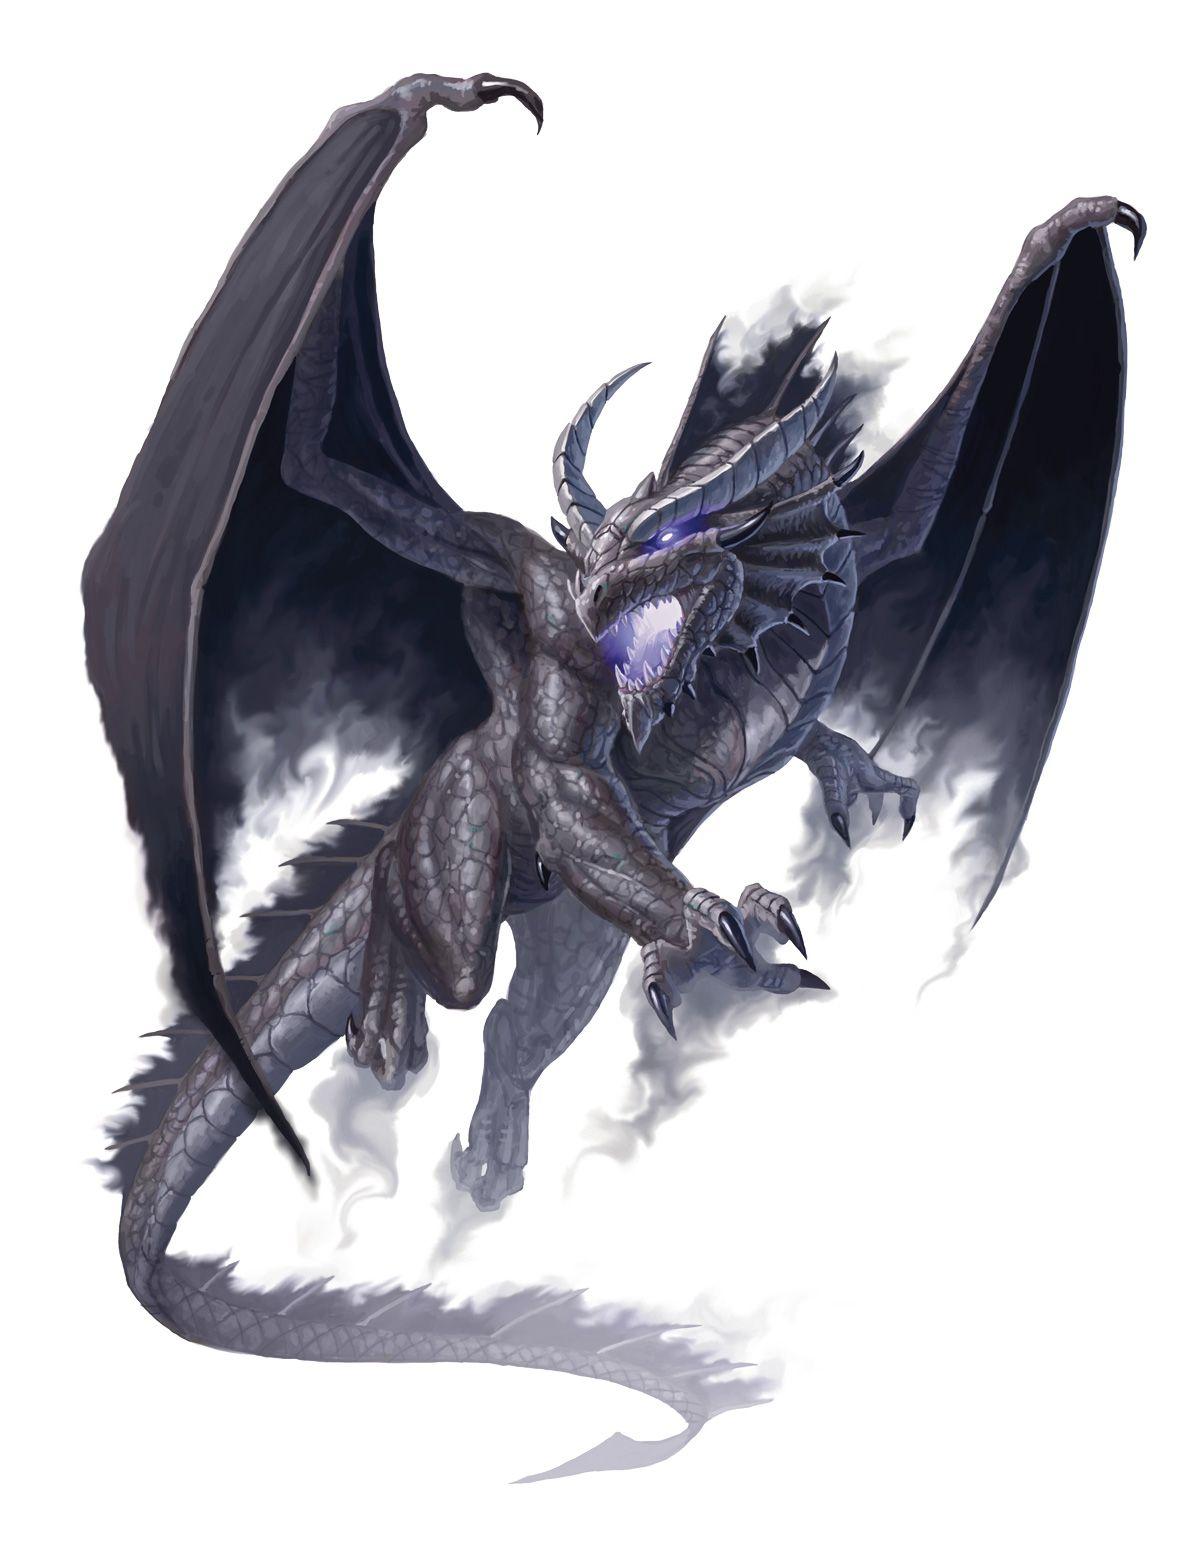 目が光るドラゴンの壁紙